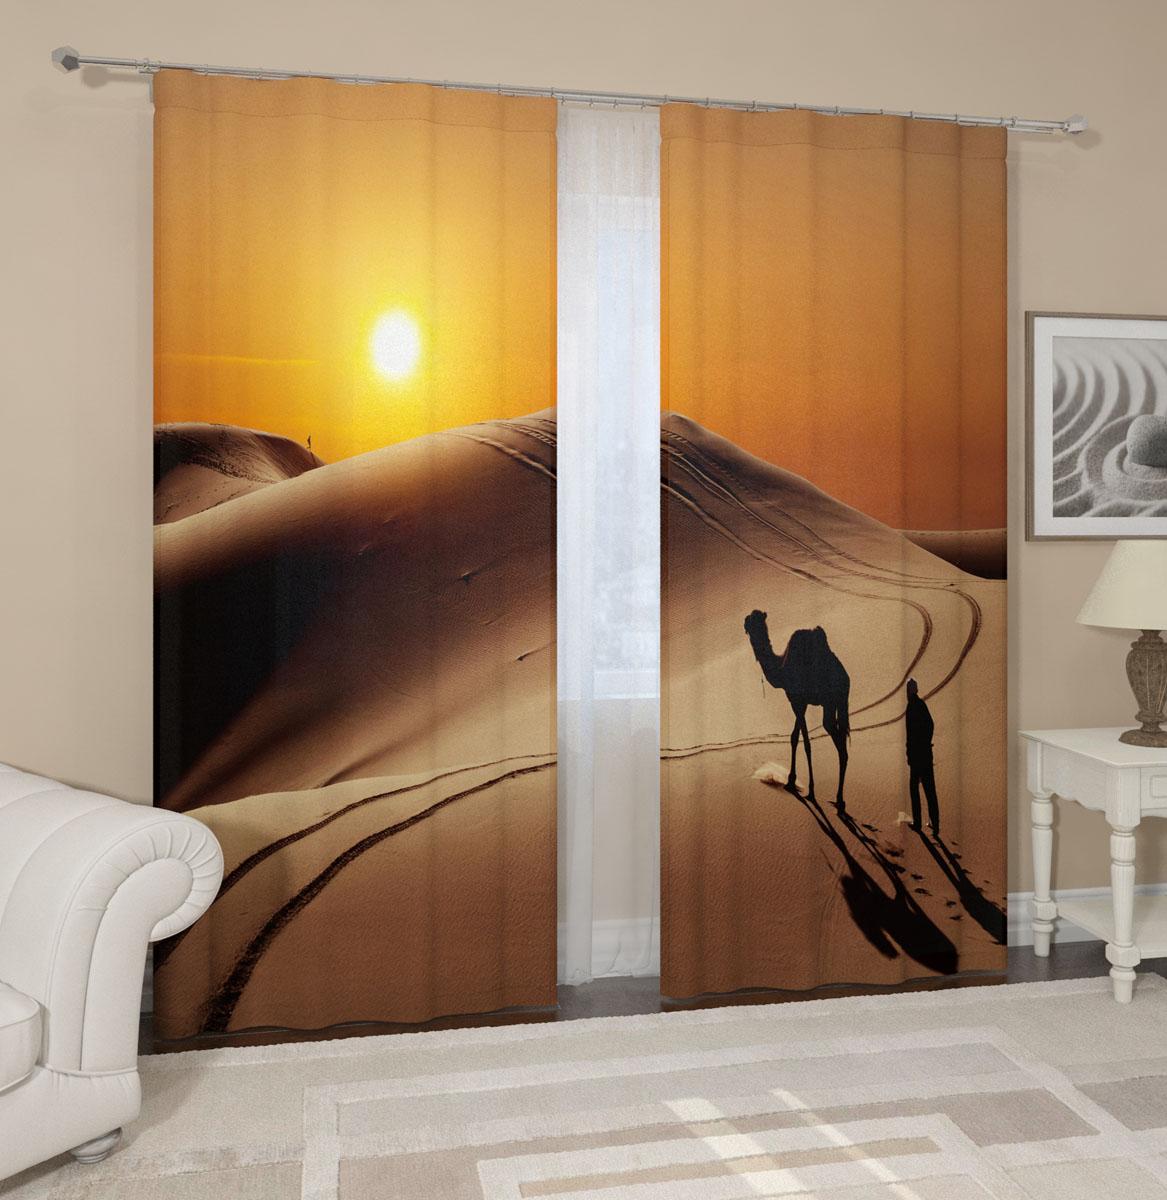 Комплект фотоштор Сирень Пустыня, на ленте, высота 260 см04591-ФШ-ГБ-001Фотошторы Сирень Пустыня, выполненные из габардина (100% полиэстера), отлично дополнят украшение любого интерьера. Особенностью ткани габардин является небольшая плотность, из-за чего ткань хорошо пропускает воздух и солнечный свет. Ткань хорошо держит форму, не требует специального ухода. Крепление на карниз при помощи шторной ленты на крючки. В комплекте 2 шторы. Ширина одного полотна: 145 см. Высота штор: 260 см. Рекомендации по уходу: стирка при 30 градусах, гладить при температуре до 110 градусов. Изображение на мониторе может немного отличаться от реального.